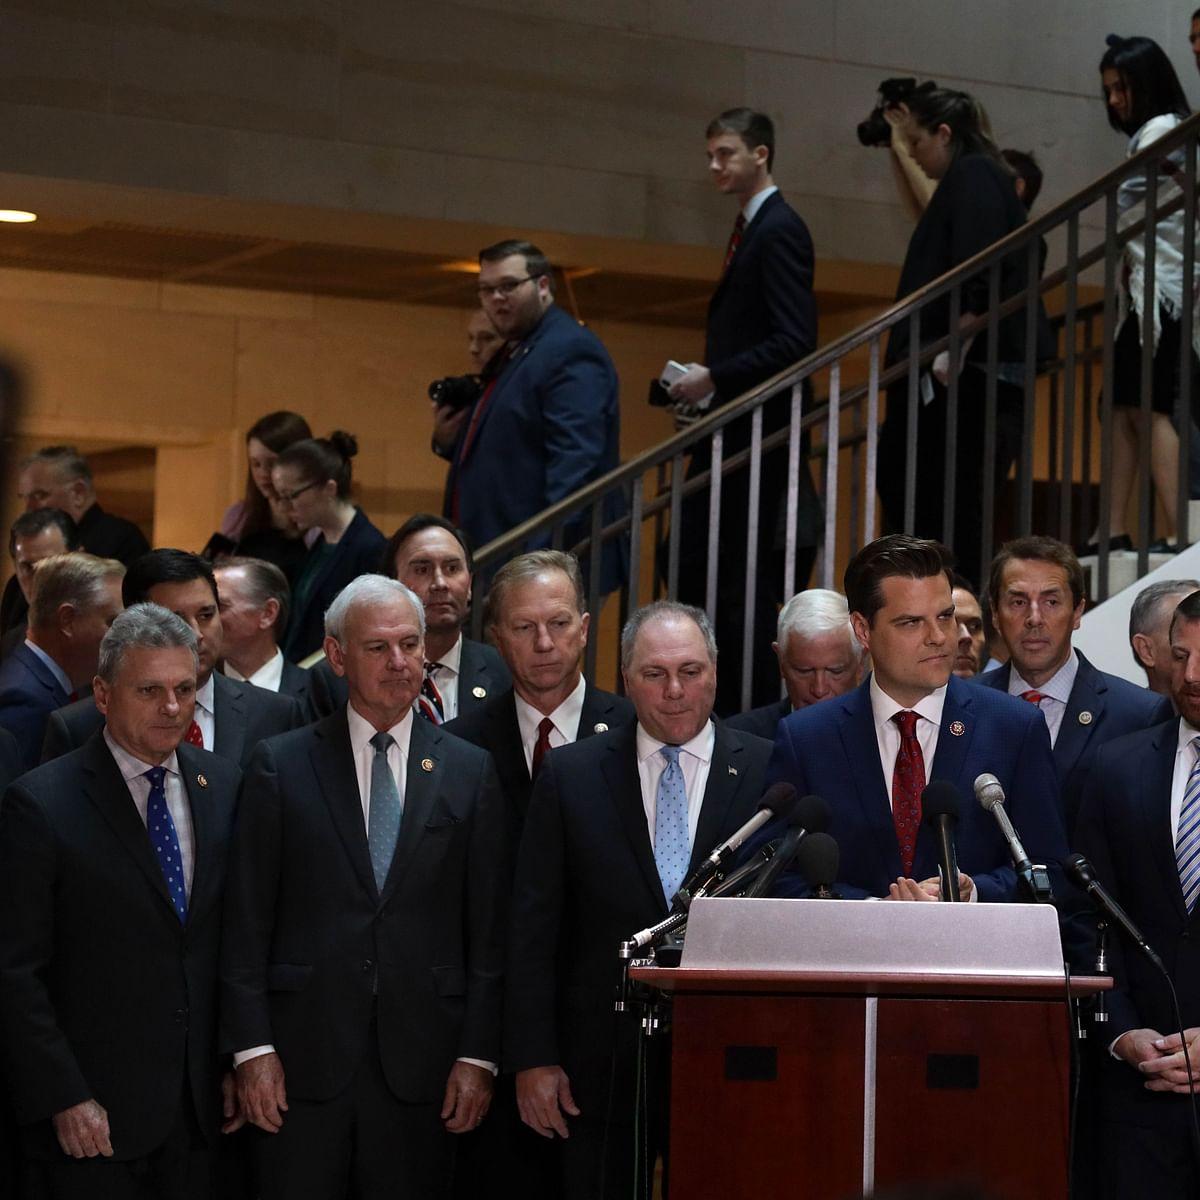 Republicans disrupt Donald Trump impeachment probe